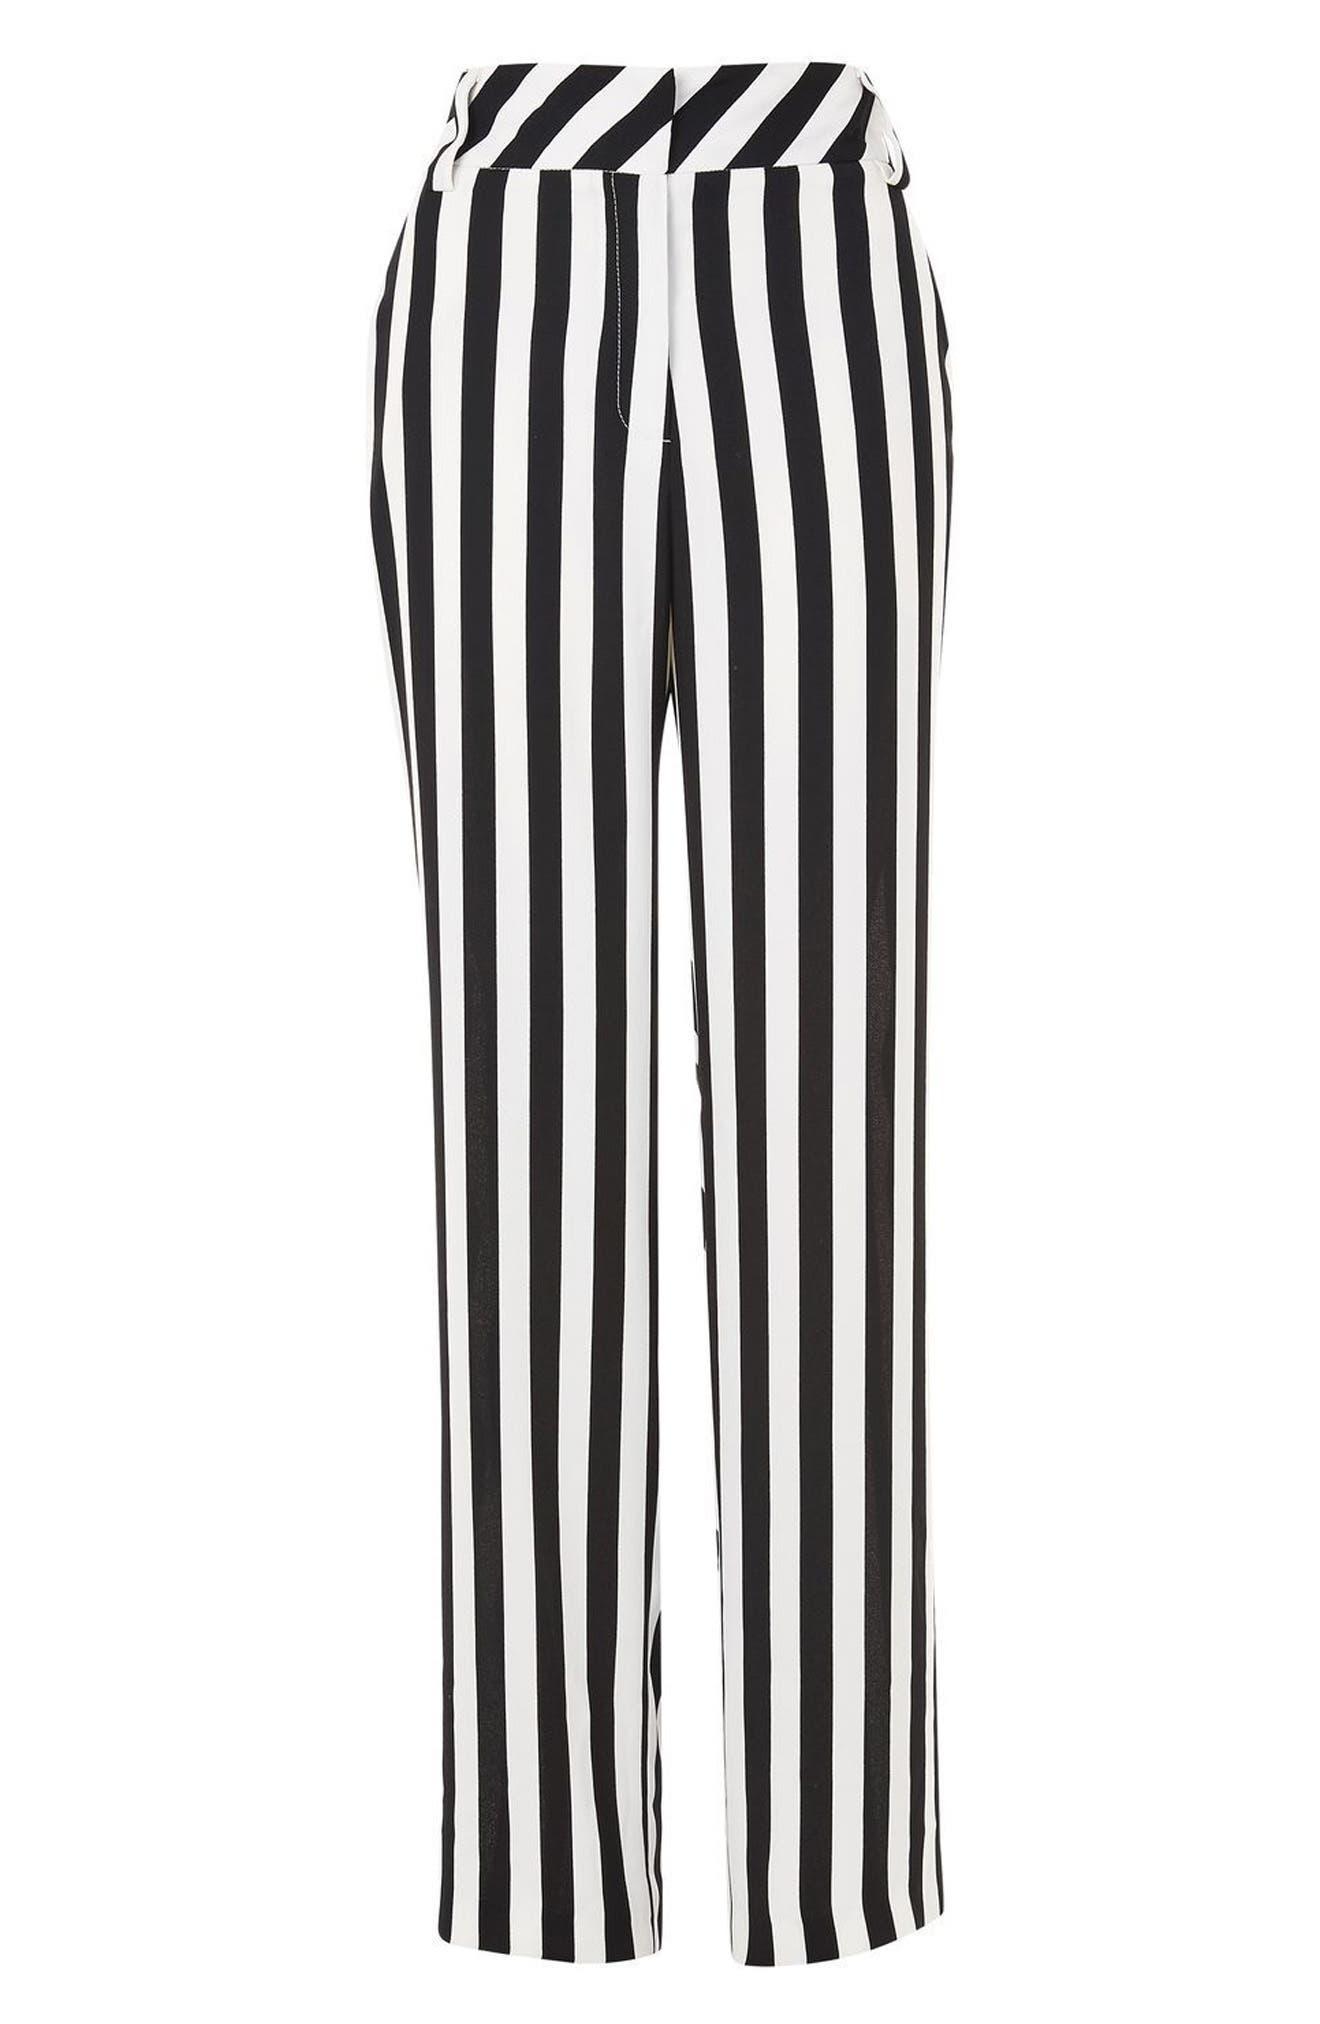 Humbug Stripe Trousers,                             Alternate thumbnail 3, color,                             001